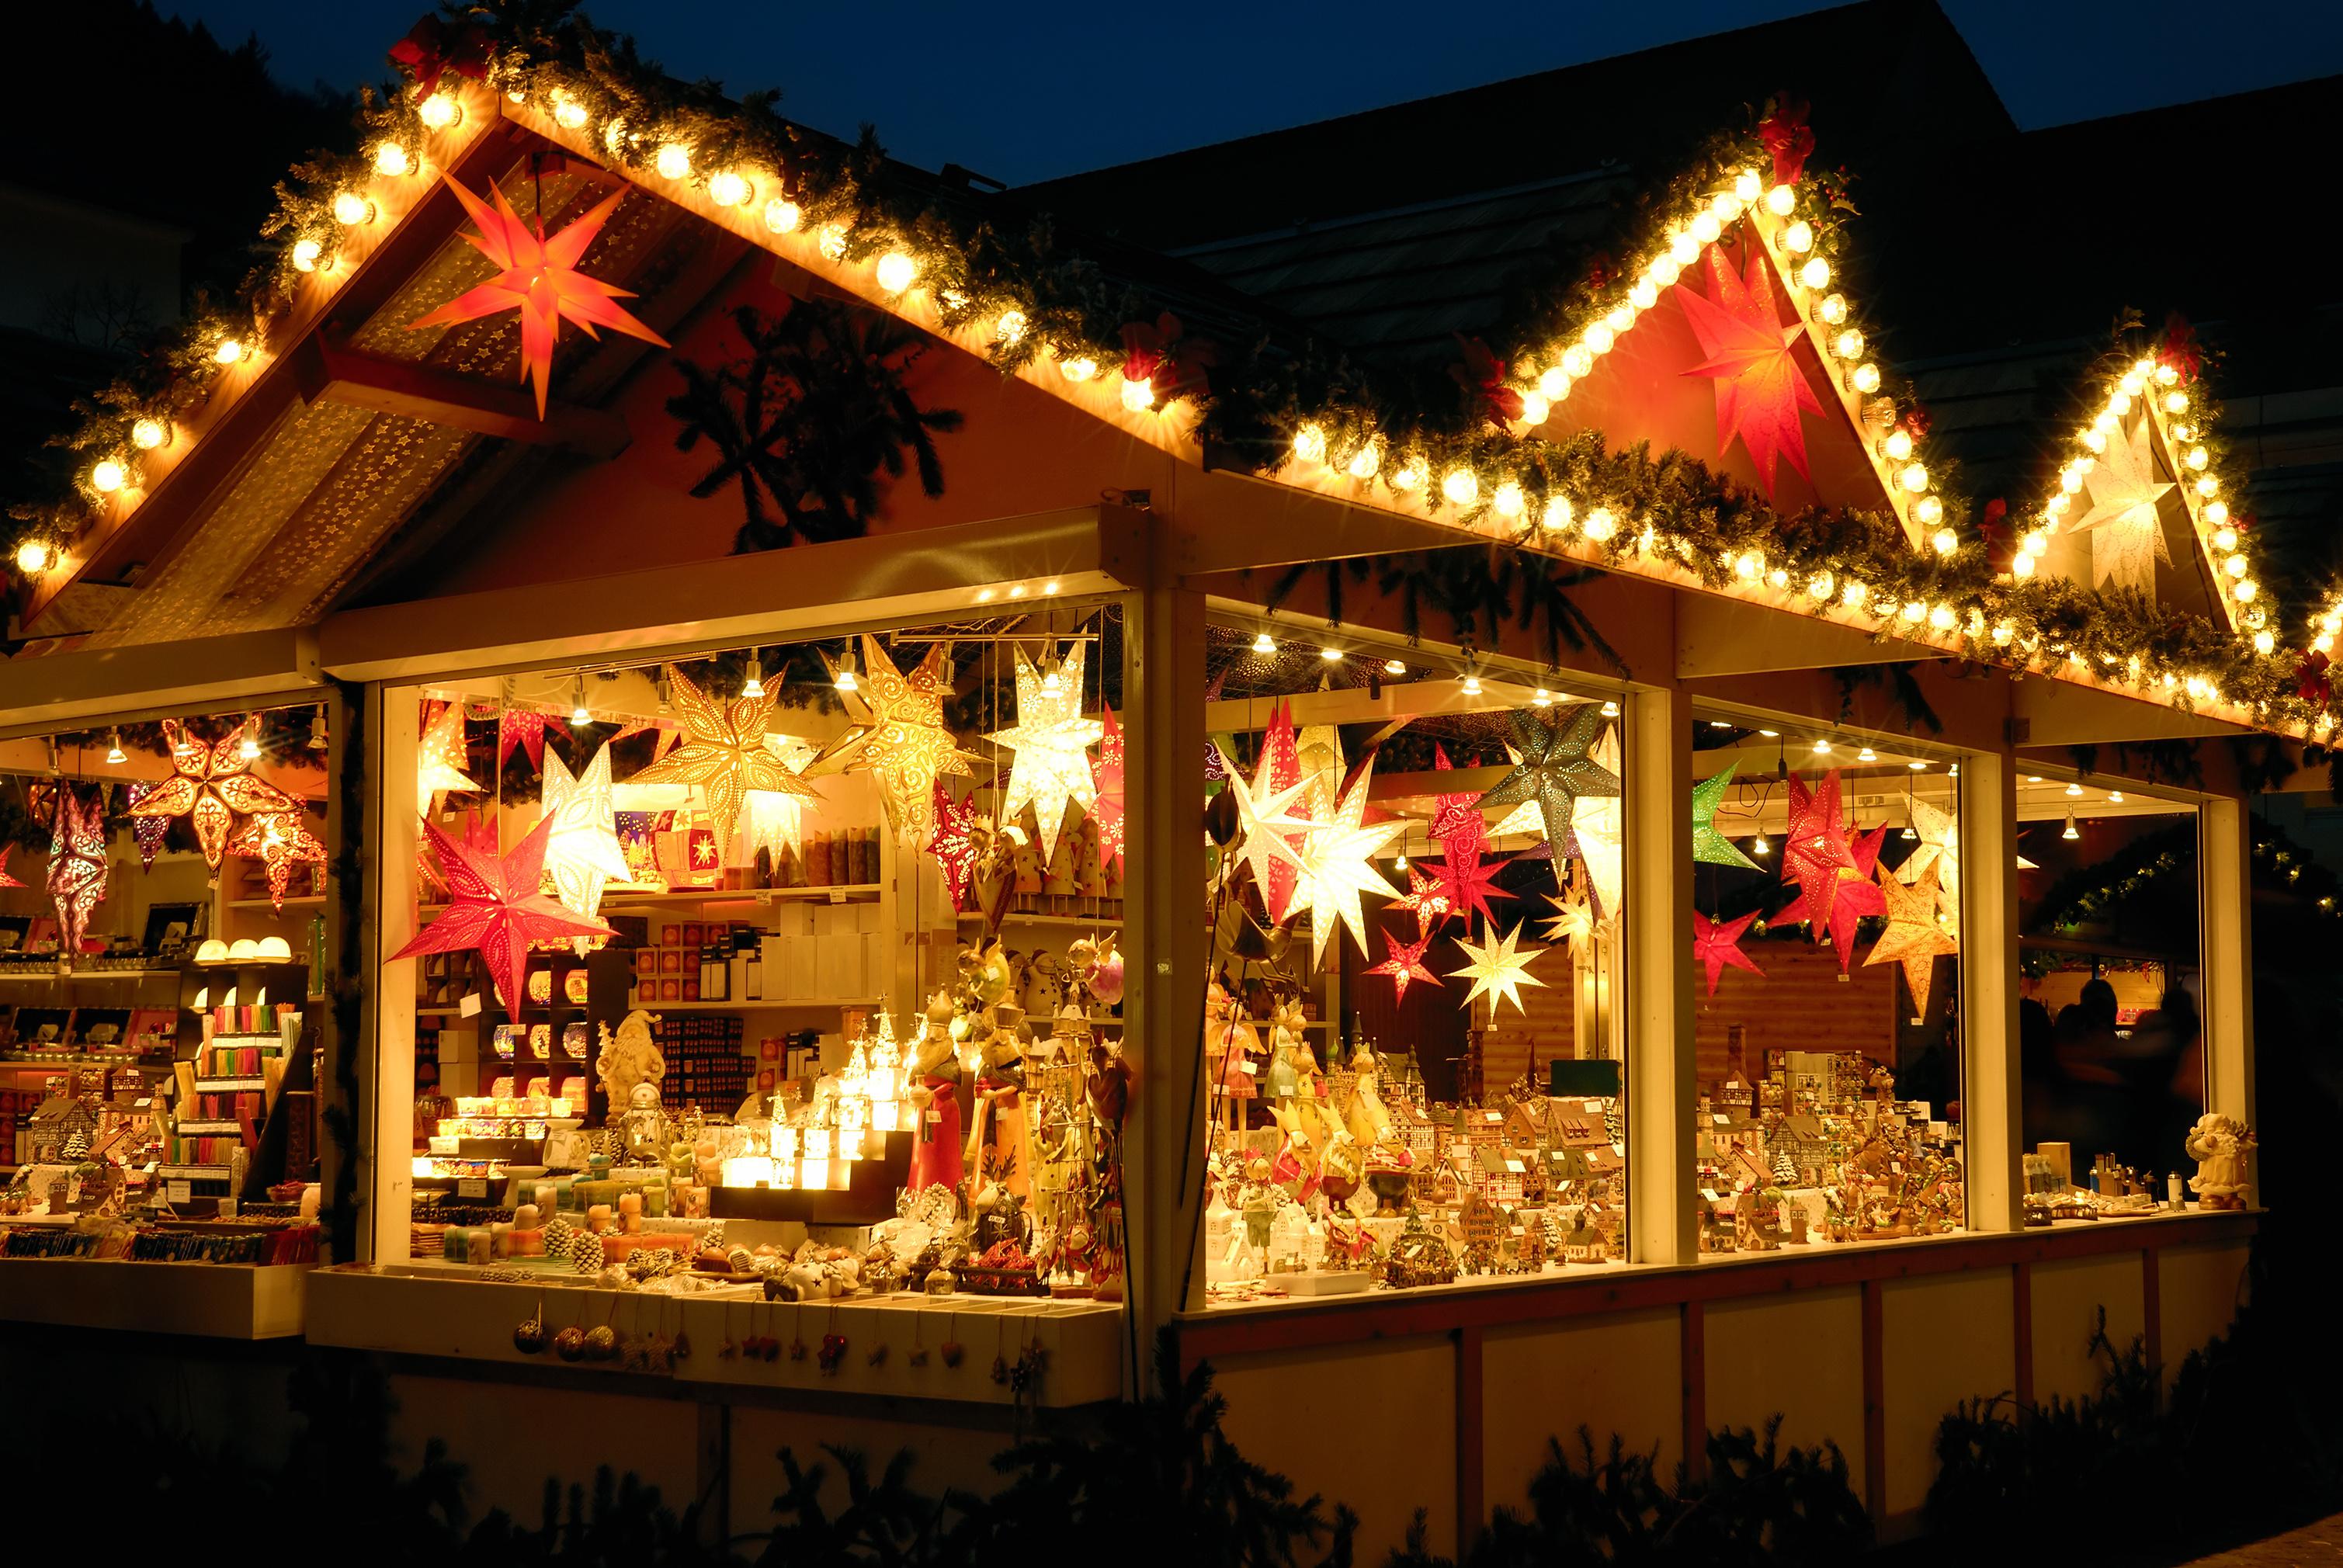 Bunt leuchtender Verkaufsstand am Weihnachtsmarkt mit vielen Dekowaren, keine Logos